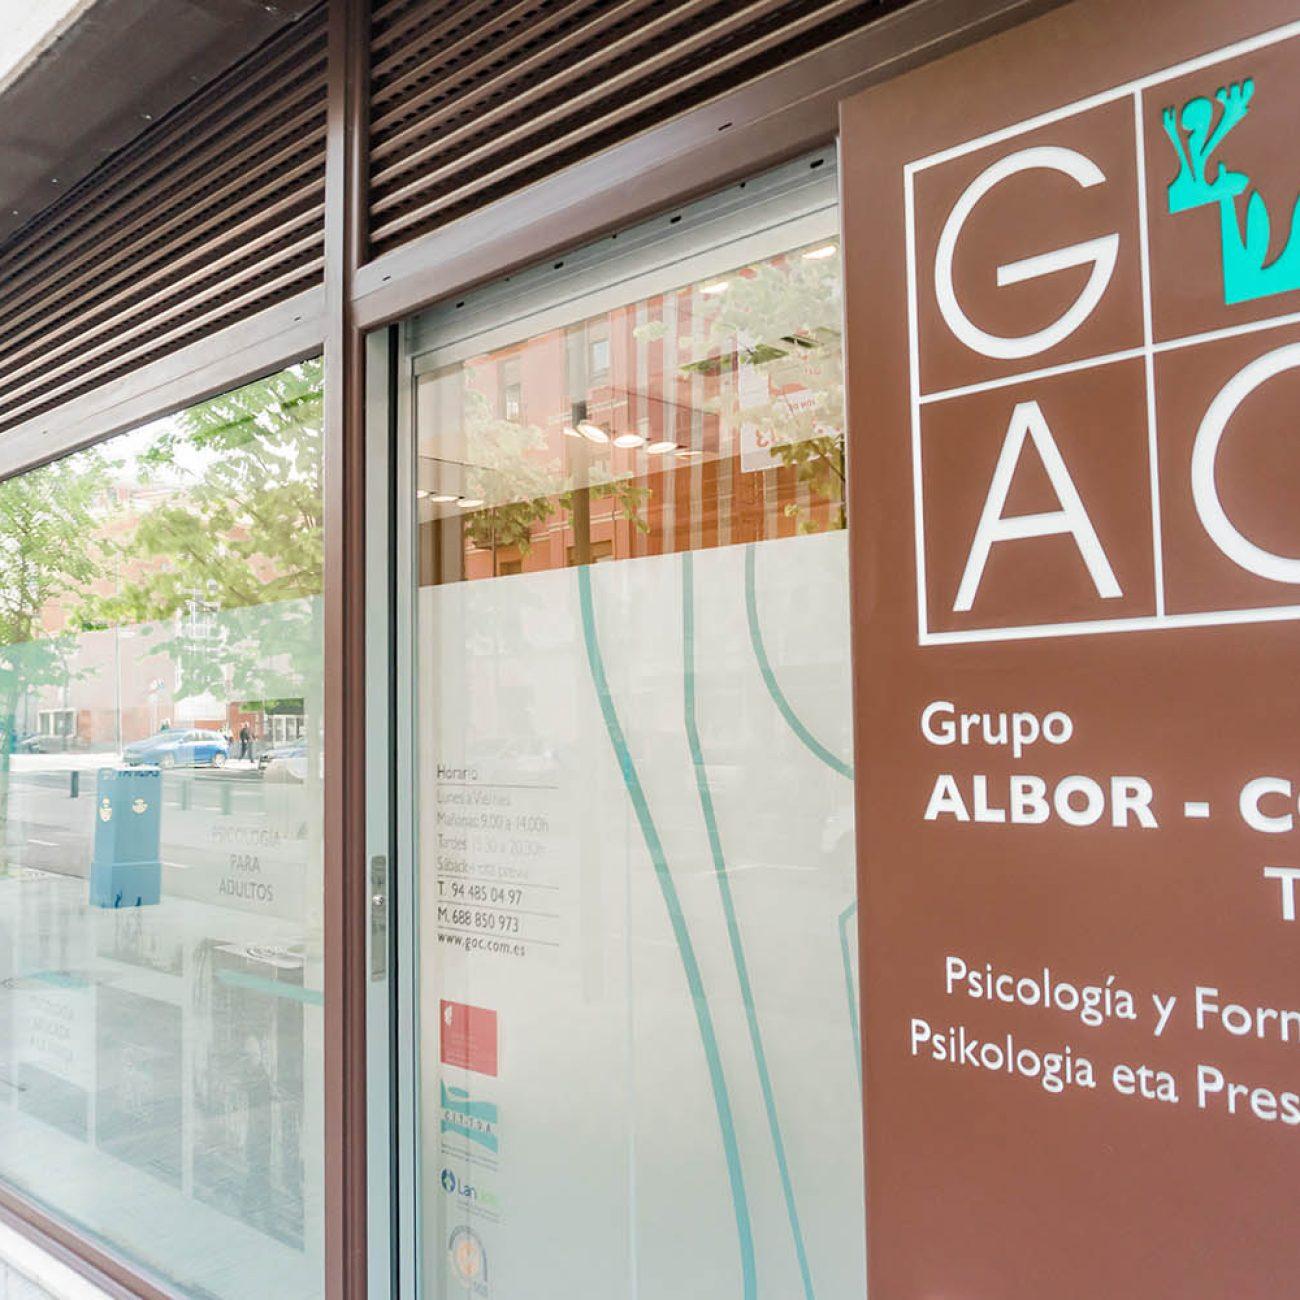 GRUPO ALBOR - COHS PSICOLOGIA EN BILBAO